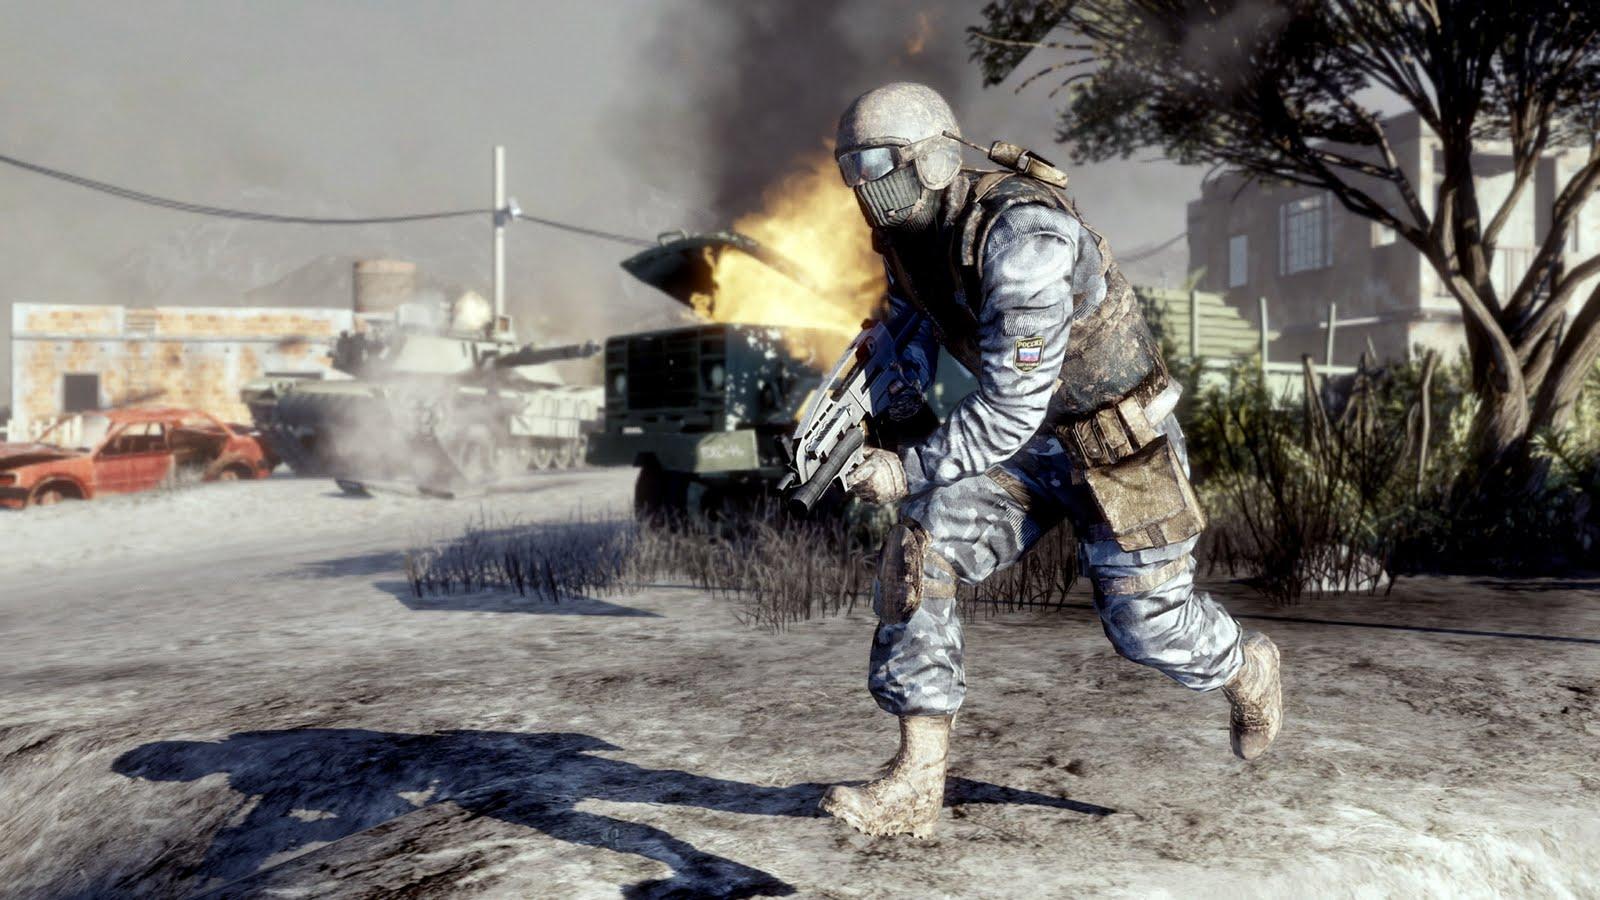 http://1.bp.blogspot.com/_V6TVDECge74/S9DmLB7GdsI/AAAAAAAAAaE/ZSnagoQnBBQ/s1600/Top+Games+Battlefield+Bad+Company+2+wallpaper+HD.jpg